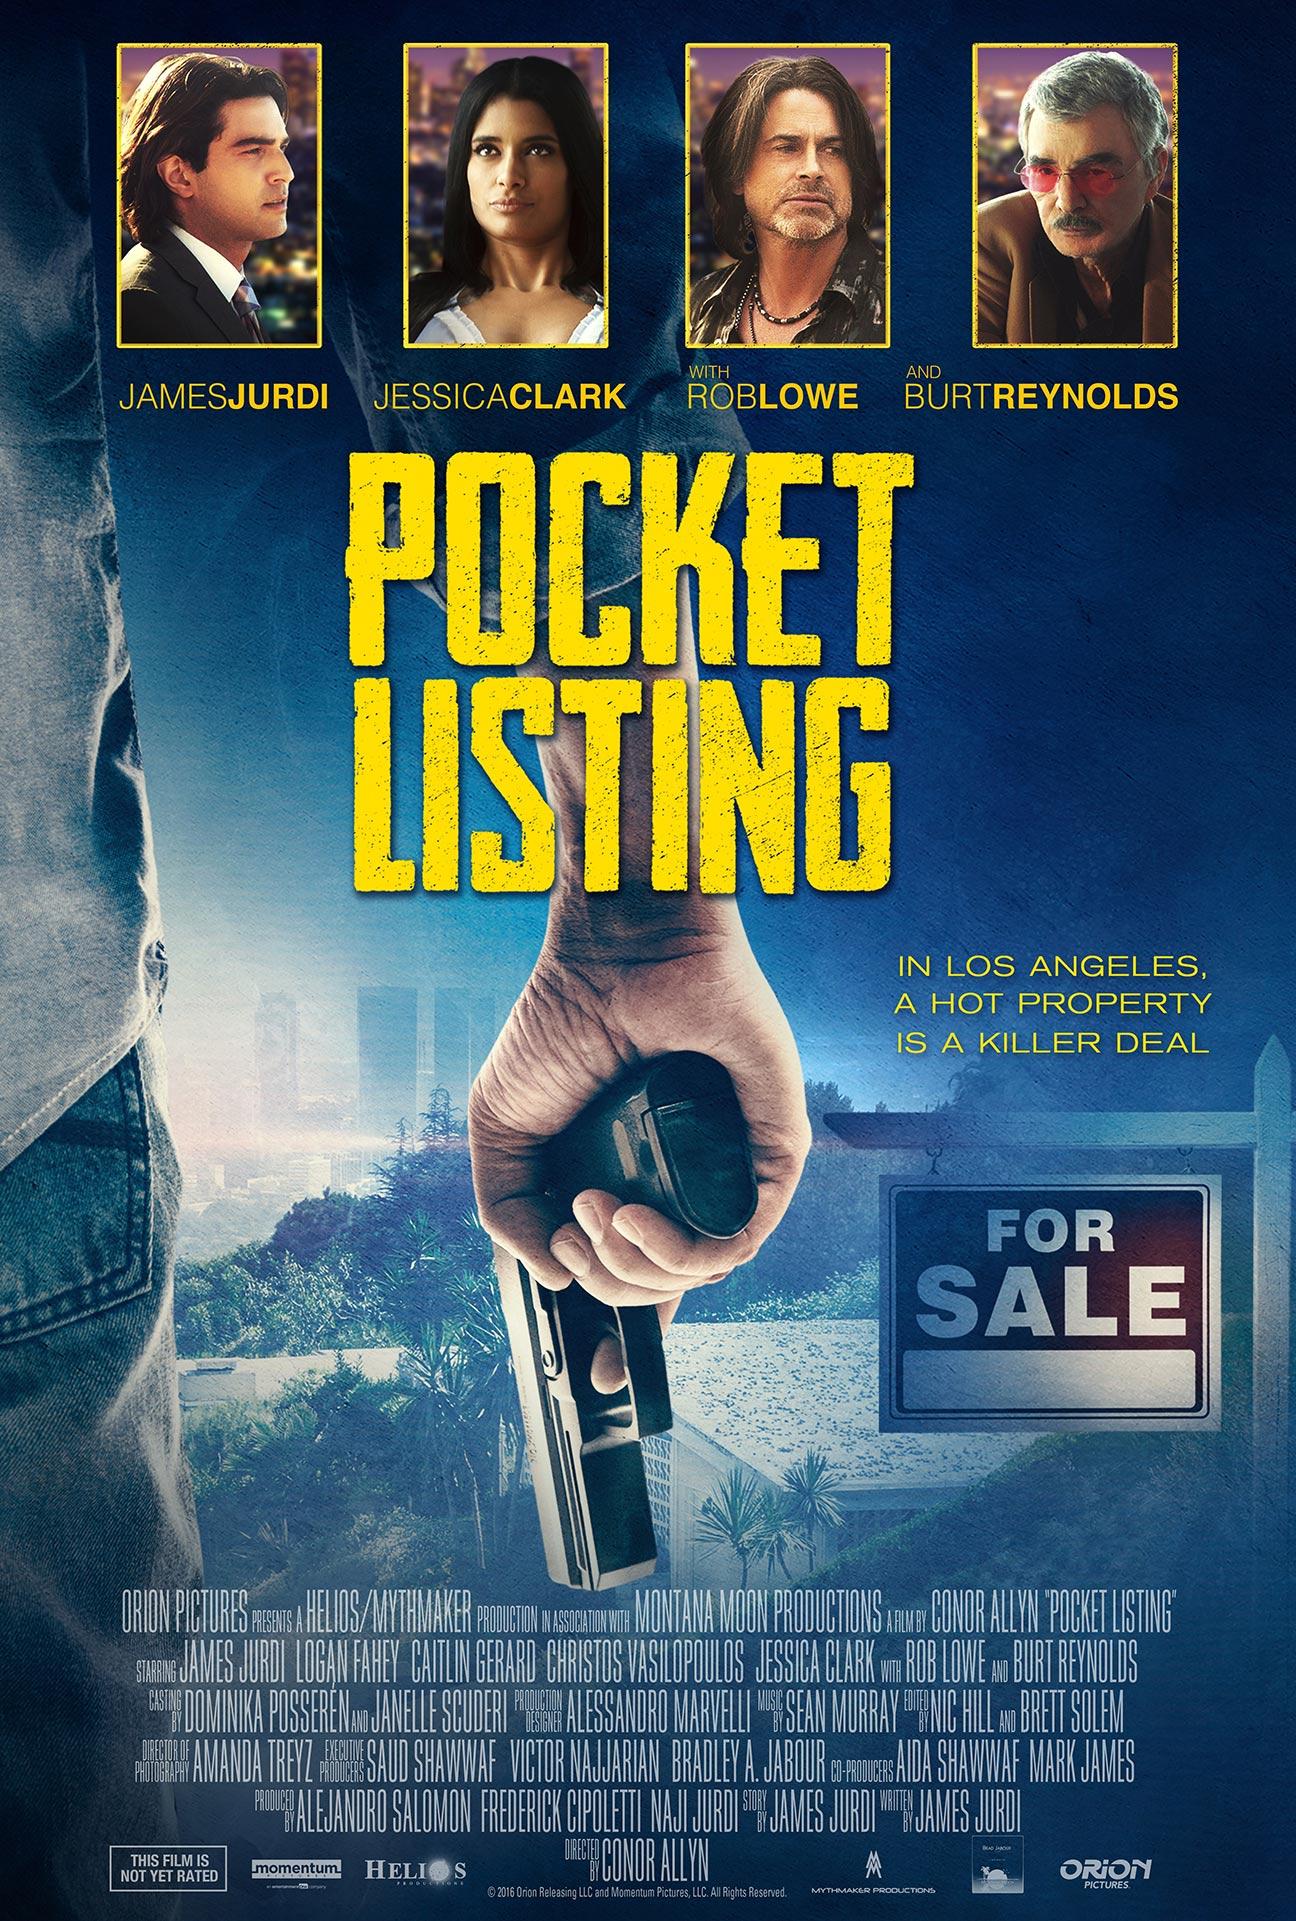 Pocket Listing Poster #1